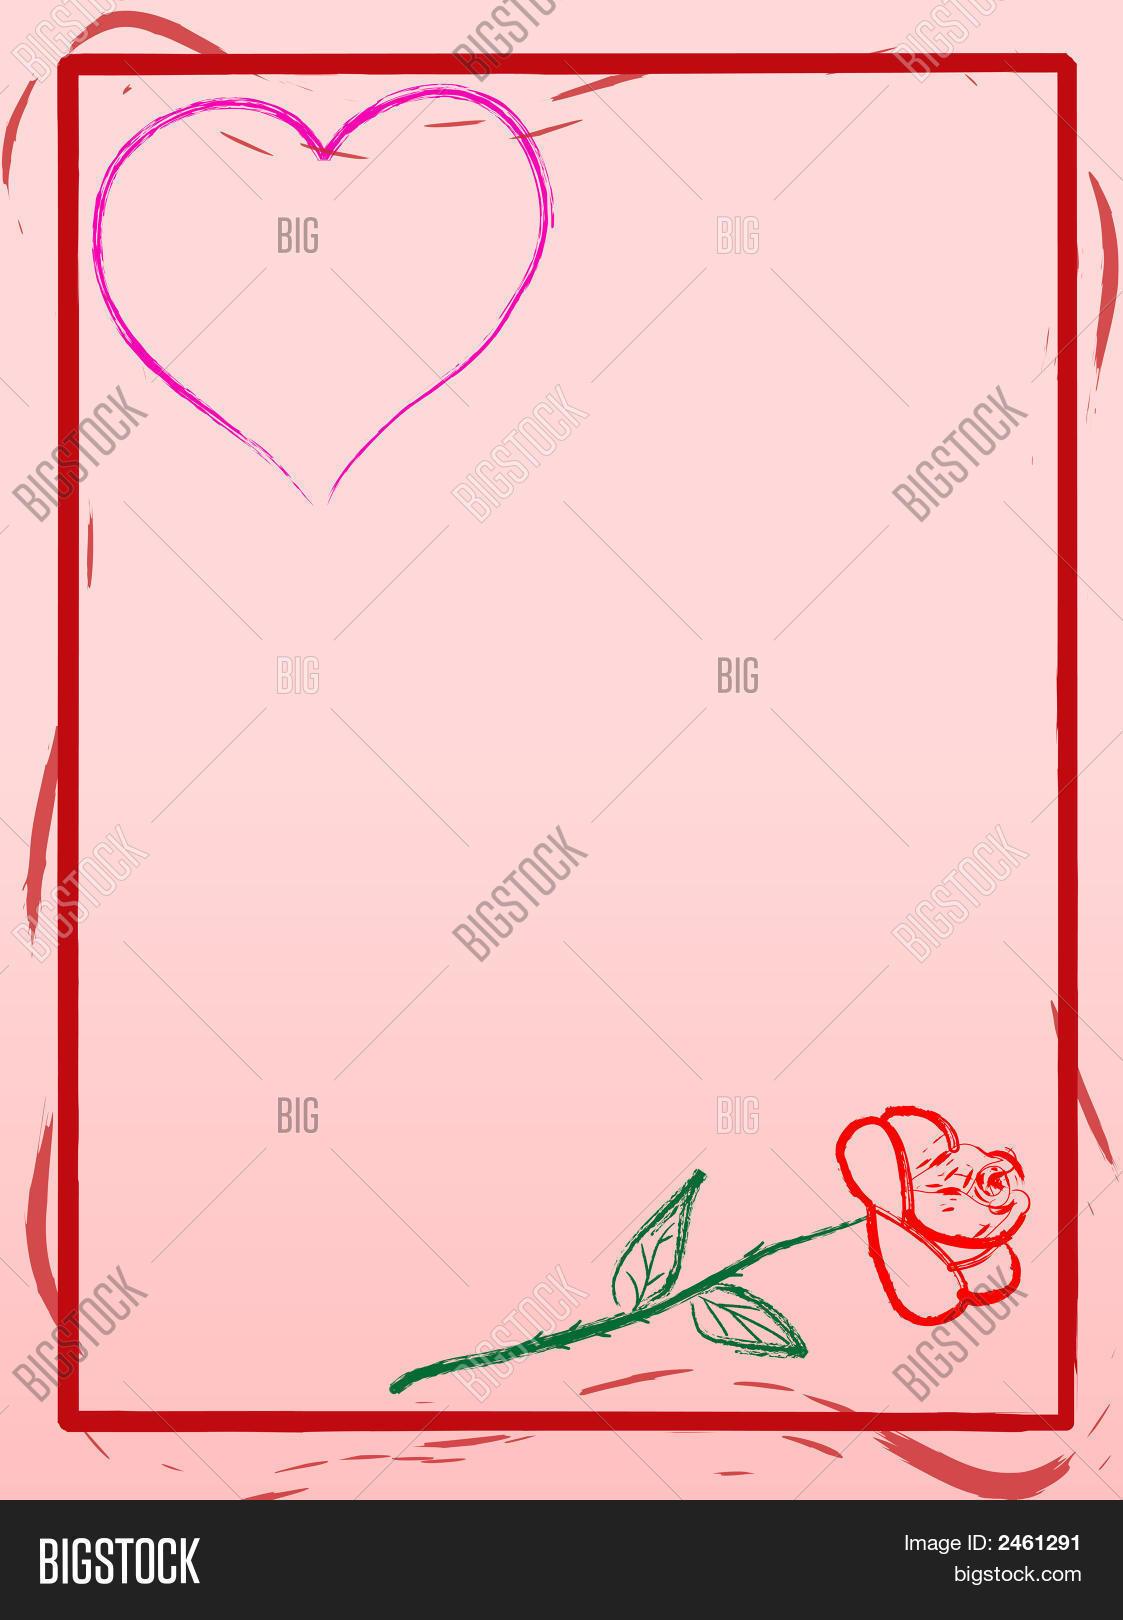 Love letter background image photo bigstock - G letter love wallpaper ...